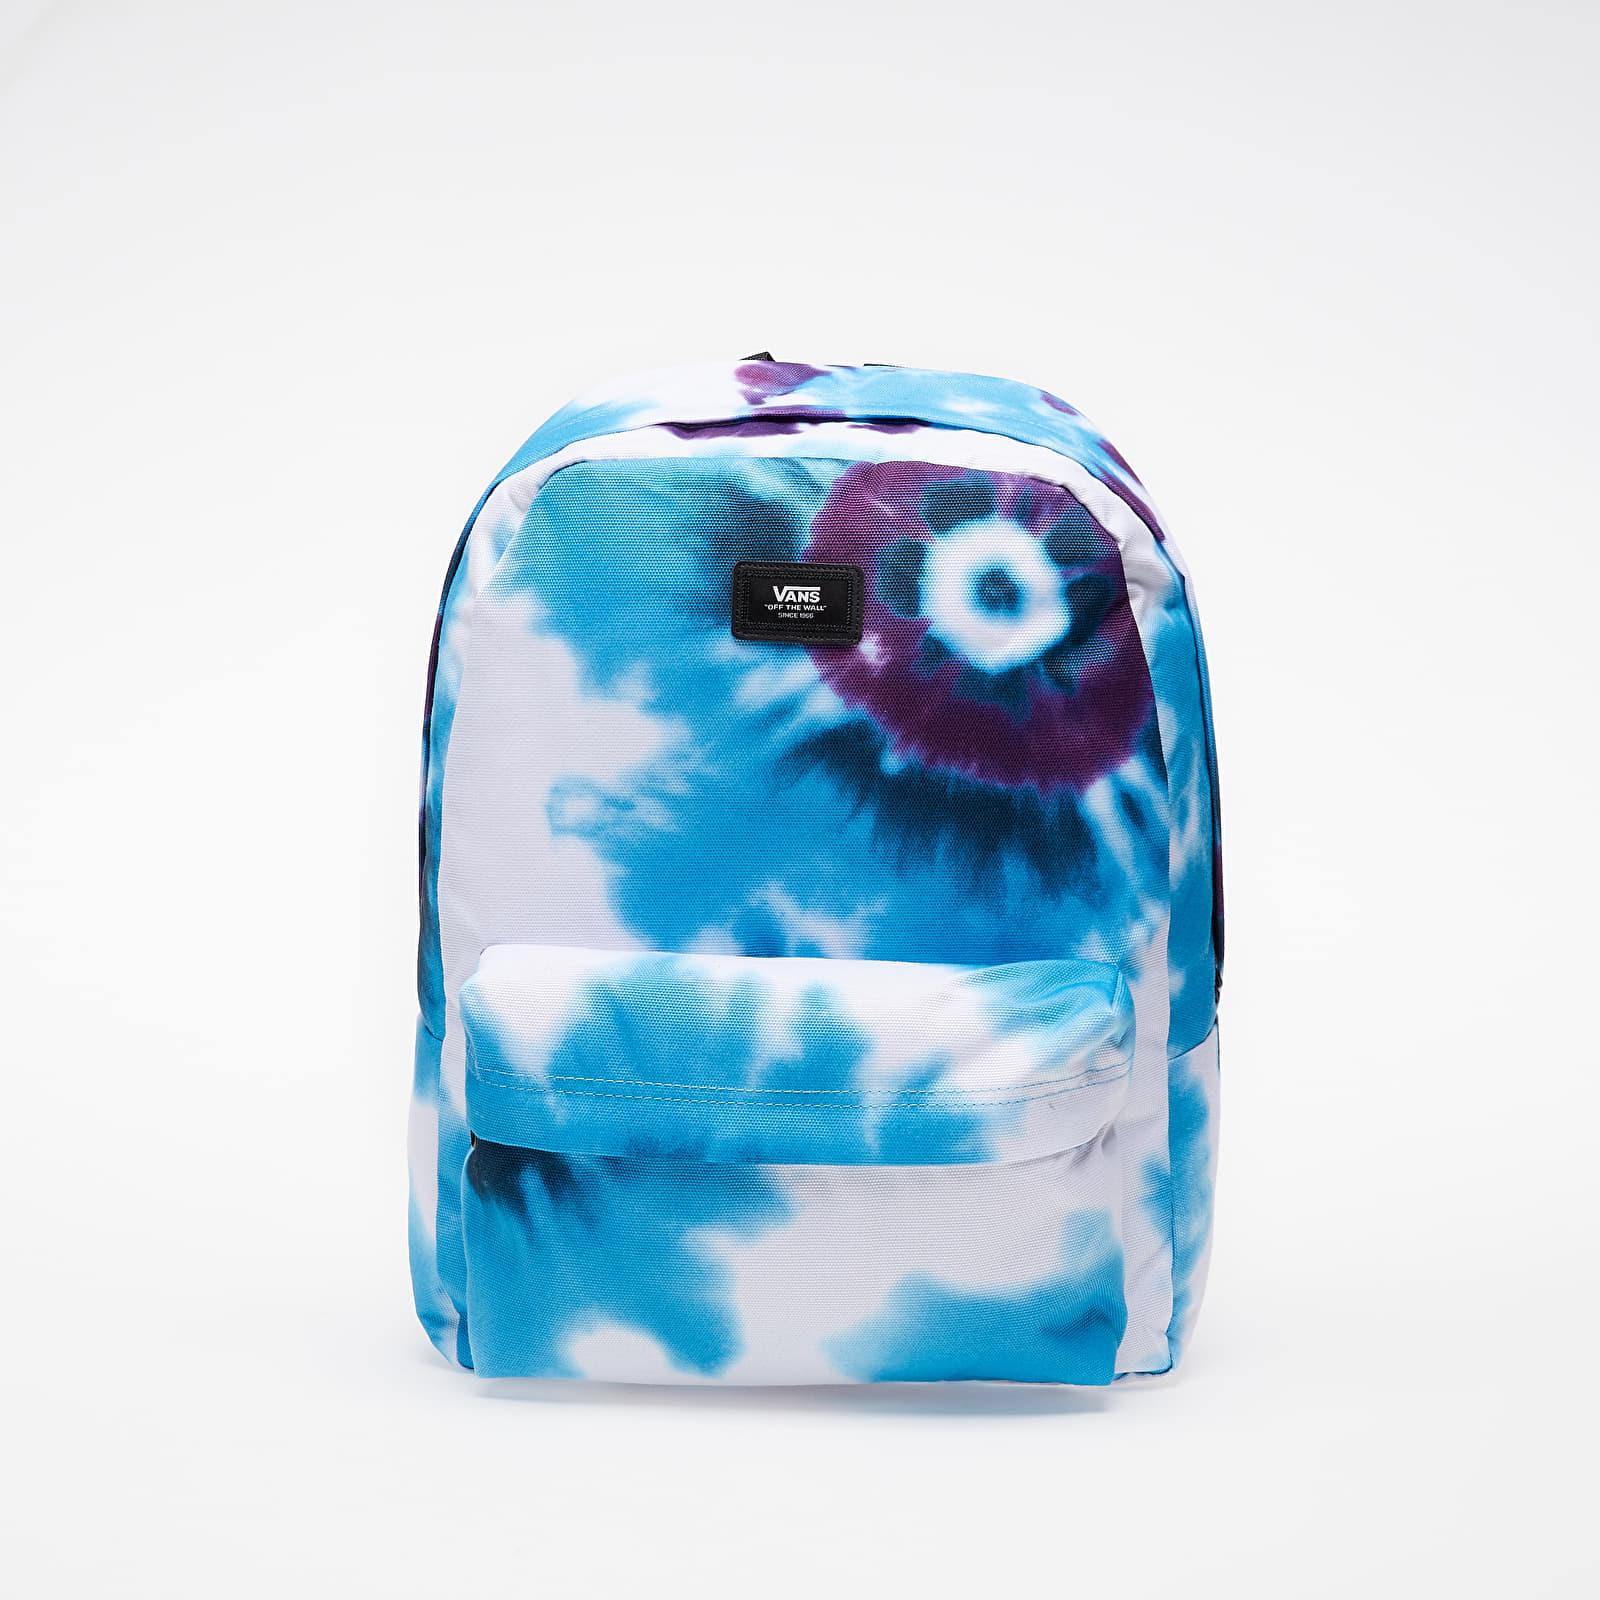 Backpacks Vans Old Skool III Backpack Vans Tie Dye